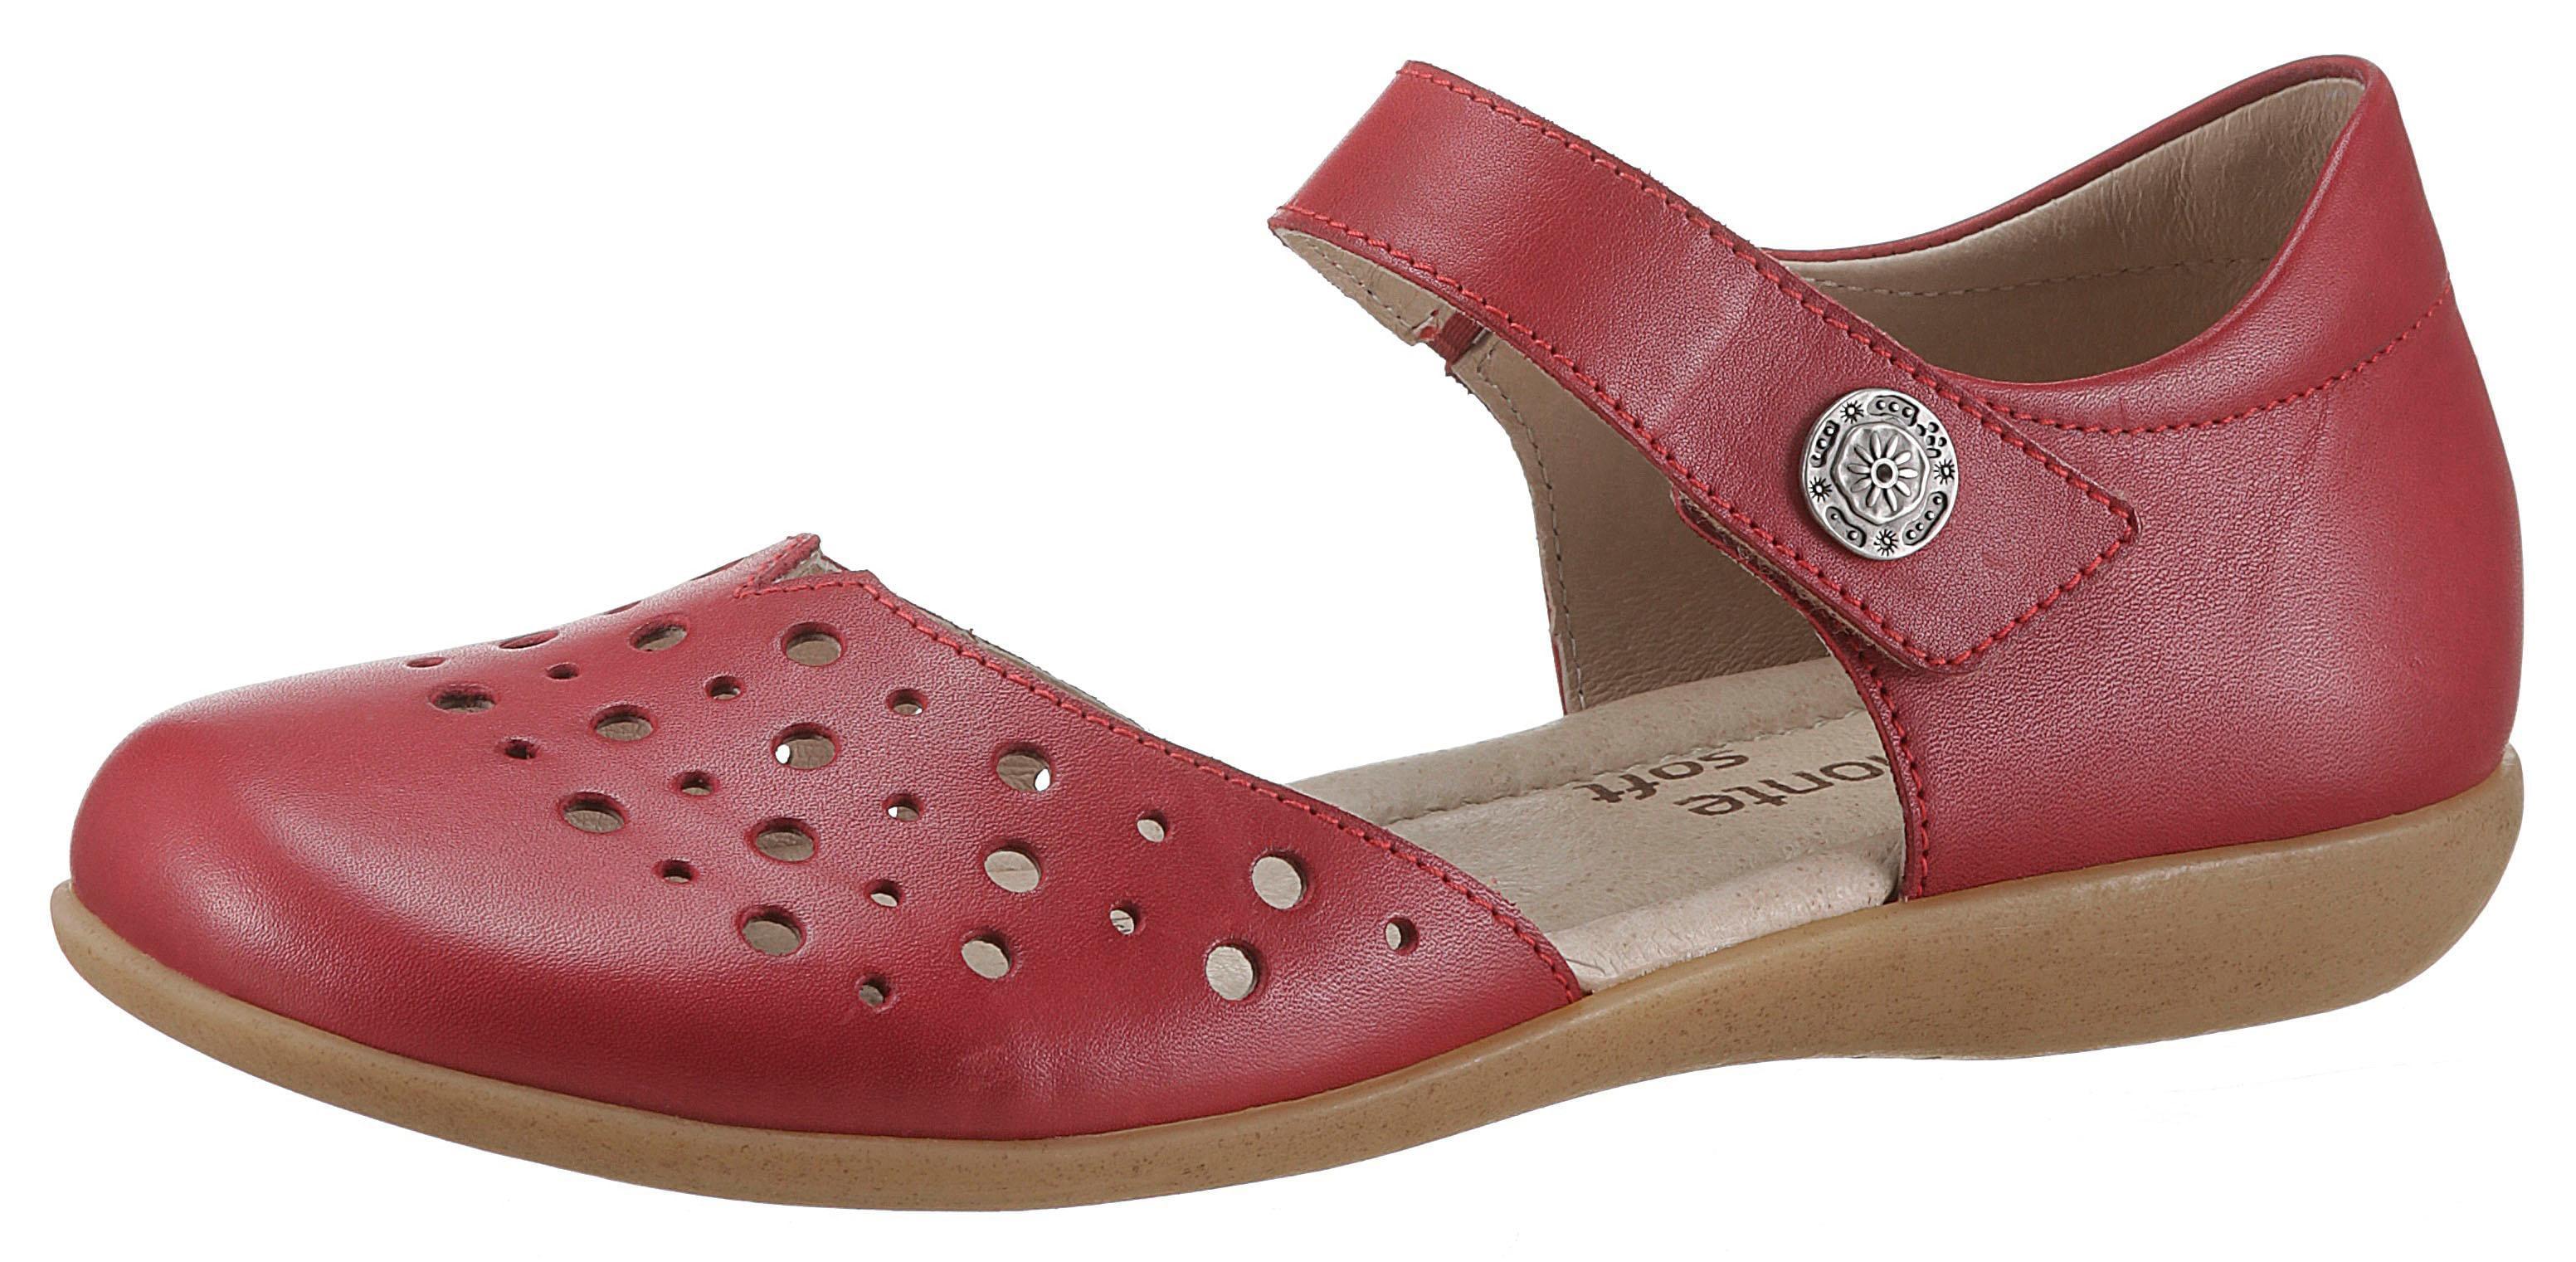 Remonte Riemchenballerina   Schuhe > Ballerinas > Riemchenballerinas   Rot   Leder   Remonte